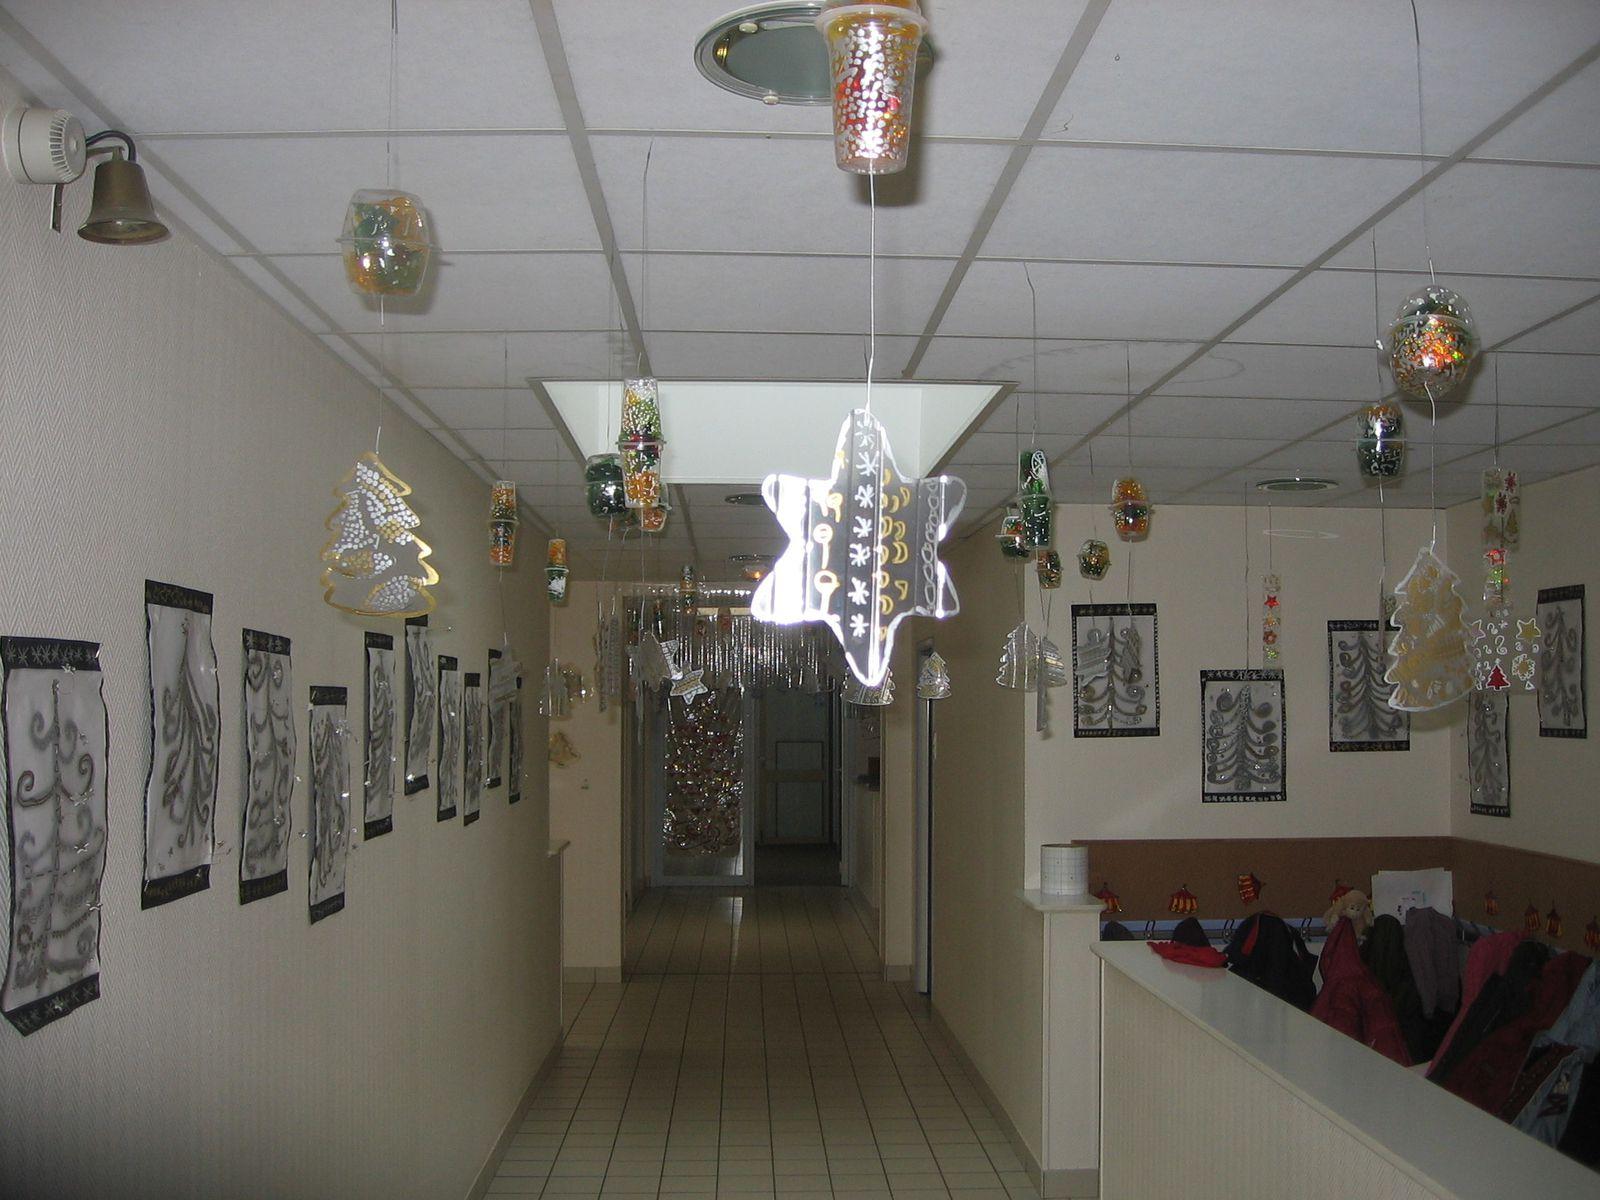 Décoration d'une école maternelle pour Noël sur le thème de la transparence via des ateliers multi-âges.